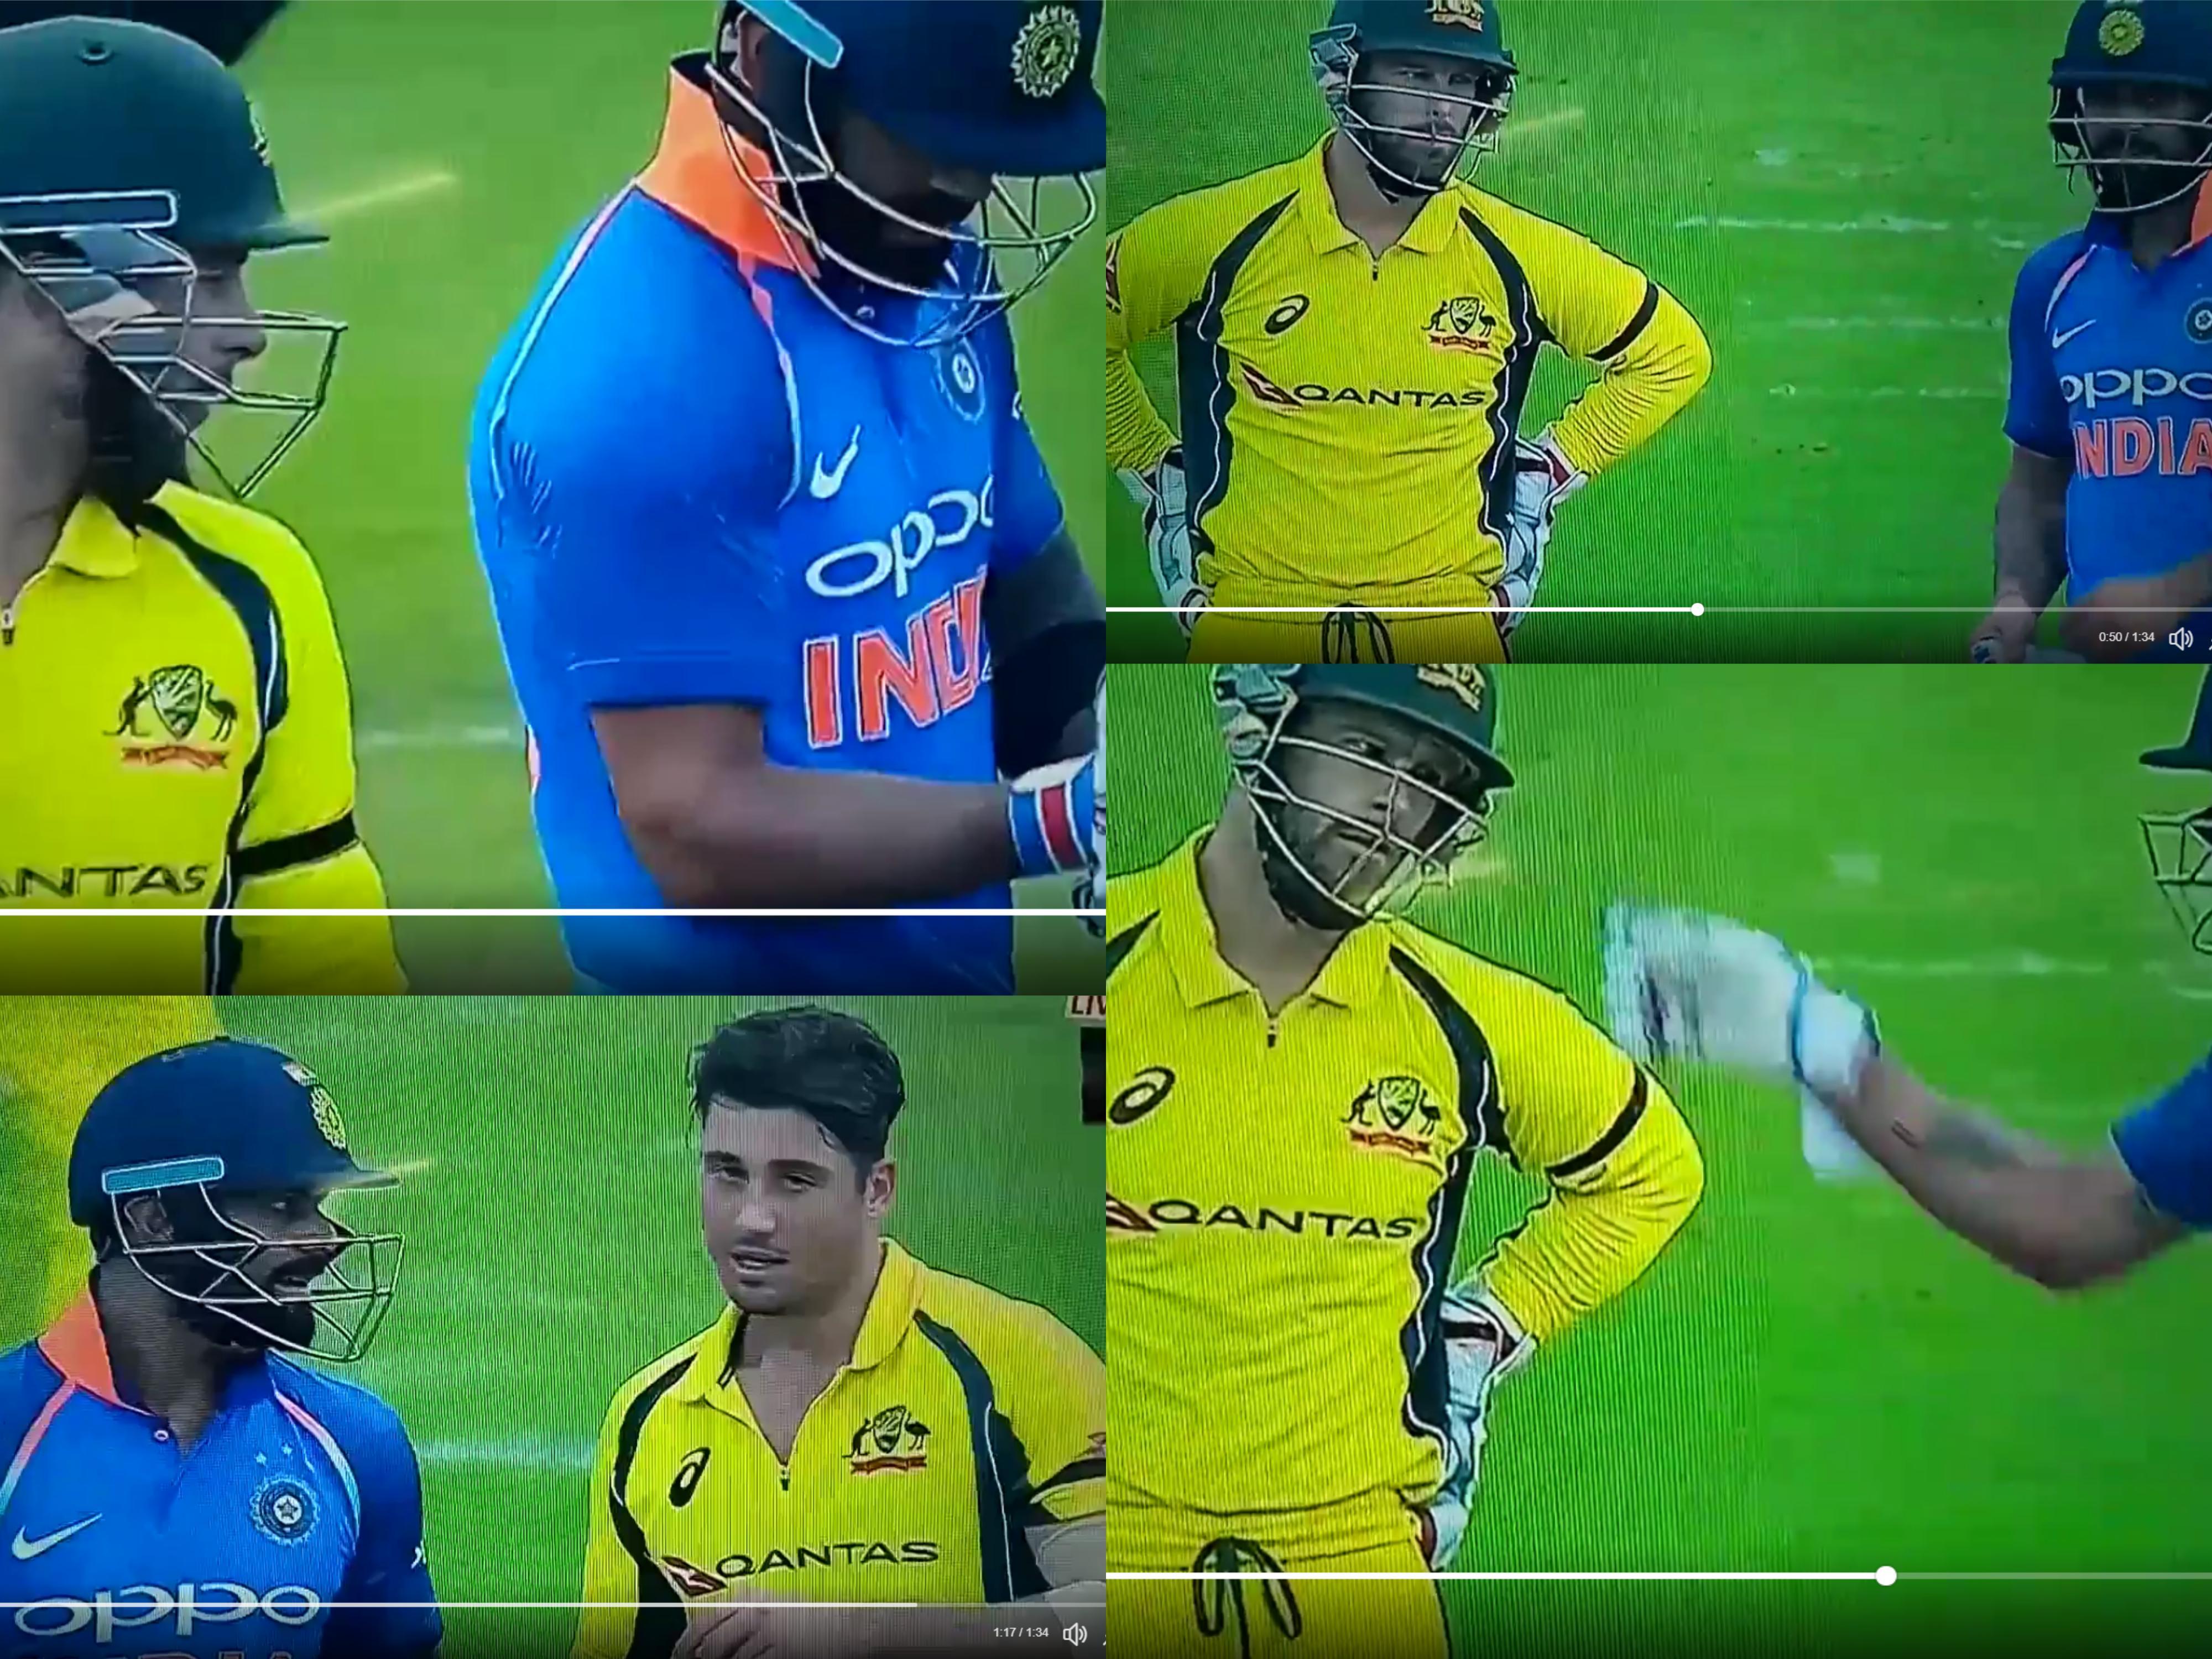 वीडियो: दुसरे मैच में ऑस्ट्रेलिया के खिलाफ दिखा विराट कोहली का गुस्सा और फिर जो हुआ वो काफी चौकाने वाला था 8